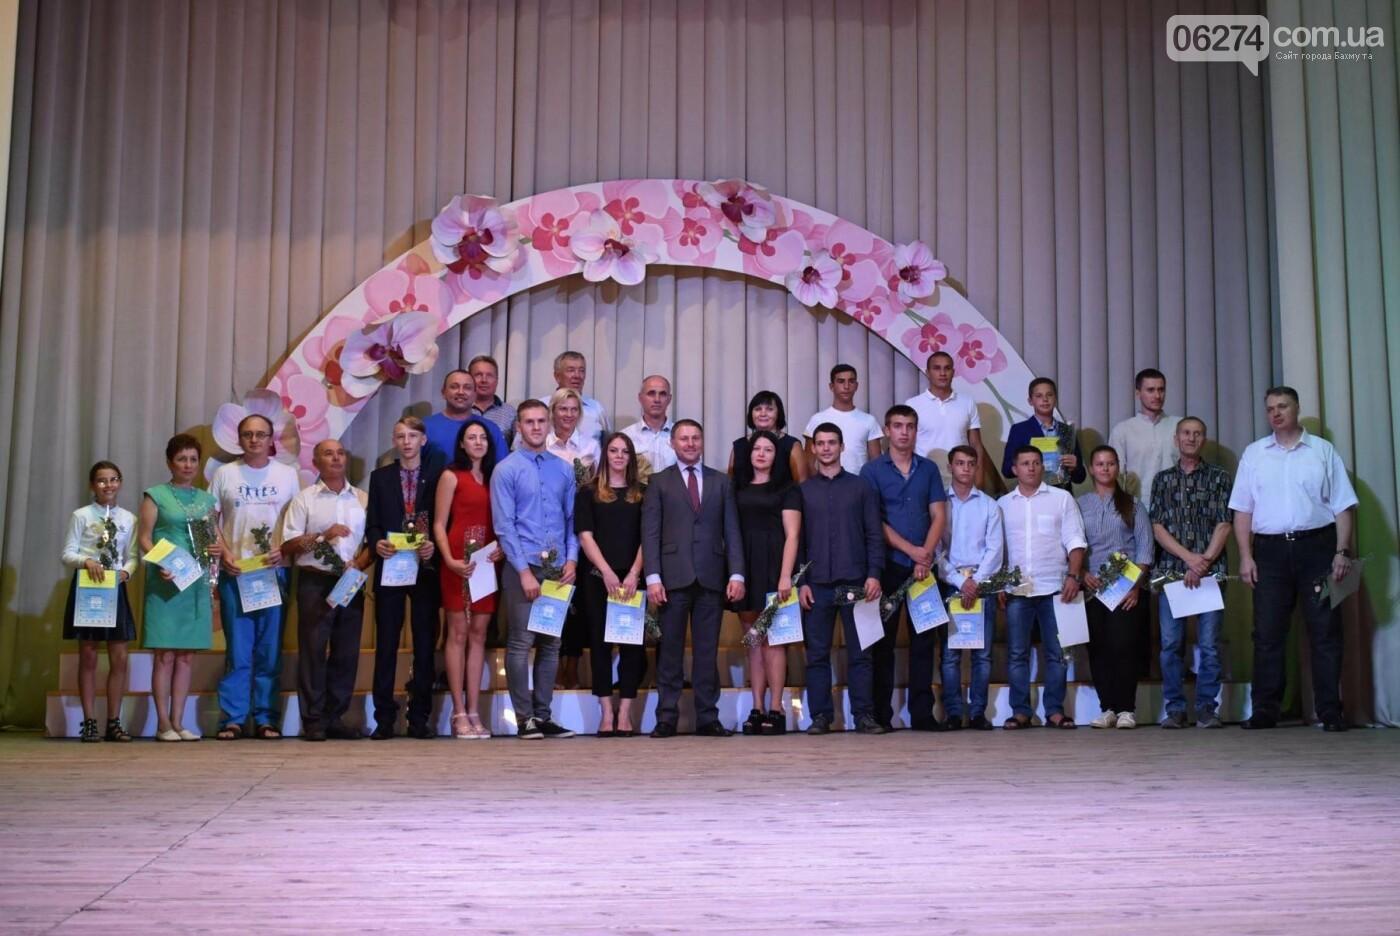 В Бахмуте поздравили работников физической культуры и спорта, фото-18